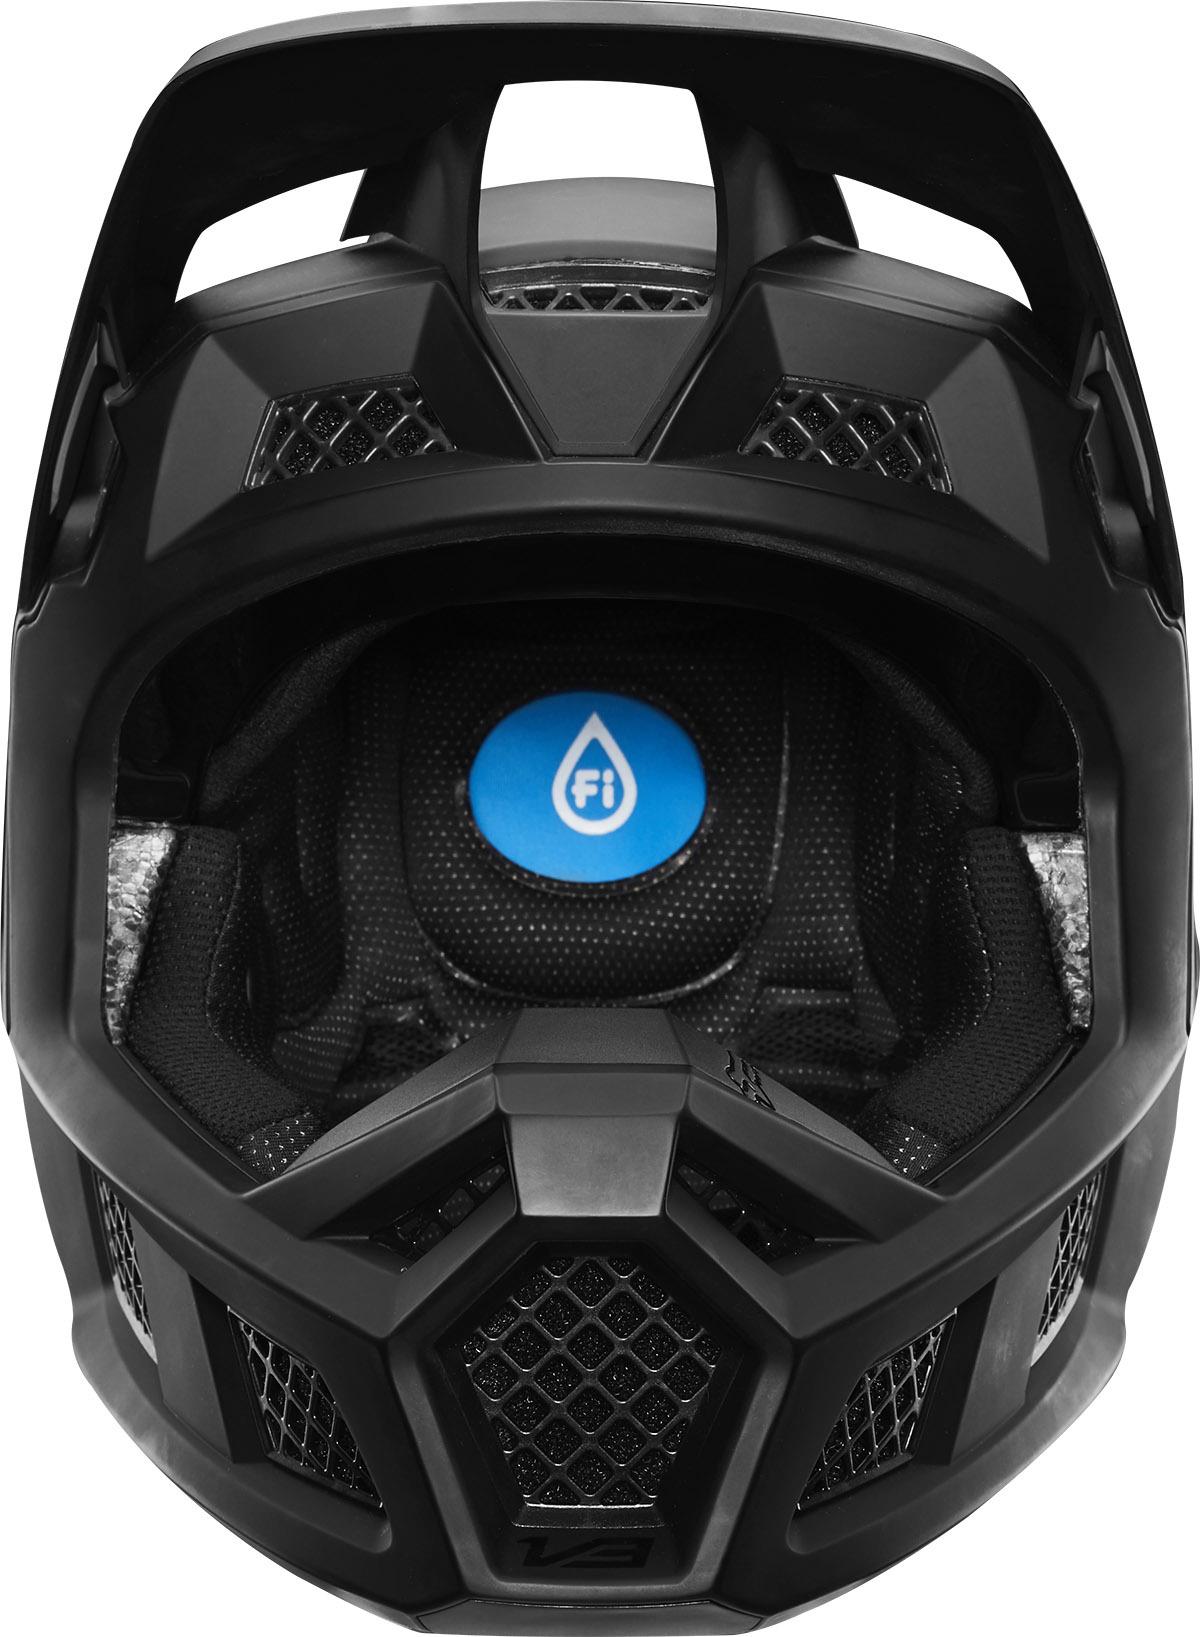 v3-helmet-2.jpg#asset:16898